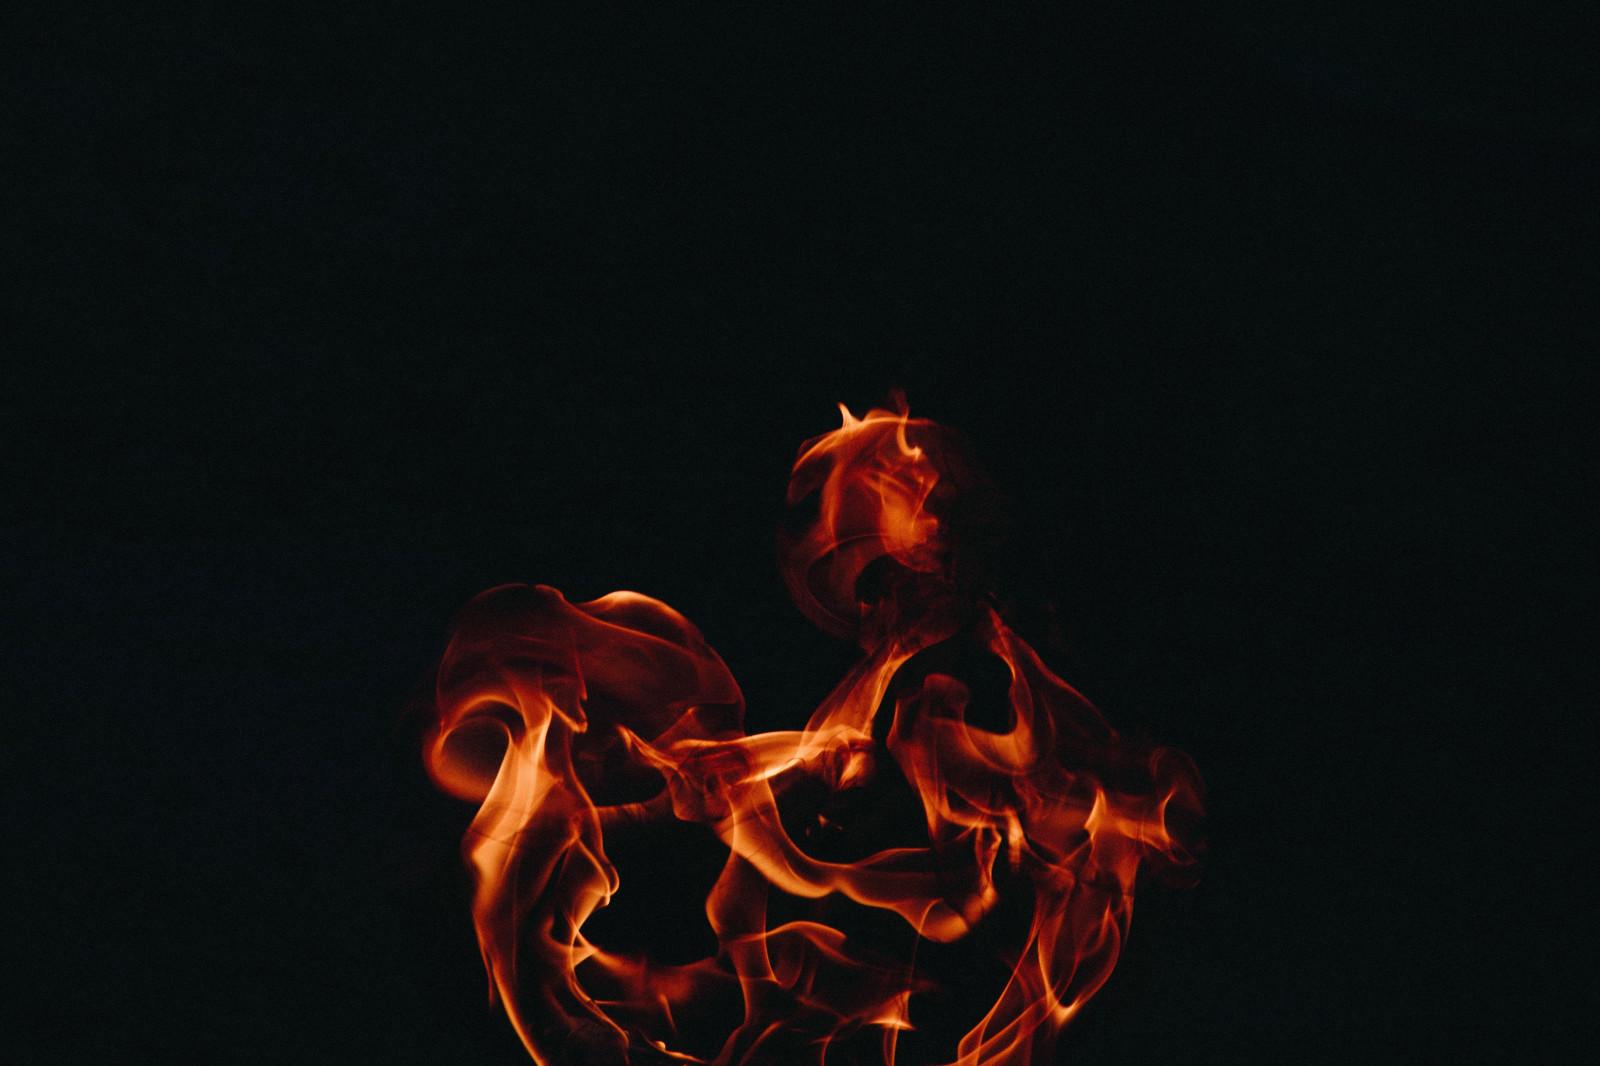 Fond d 39 cran feu flamme fond sombre 5381x3587 for Fond ecran sombre